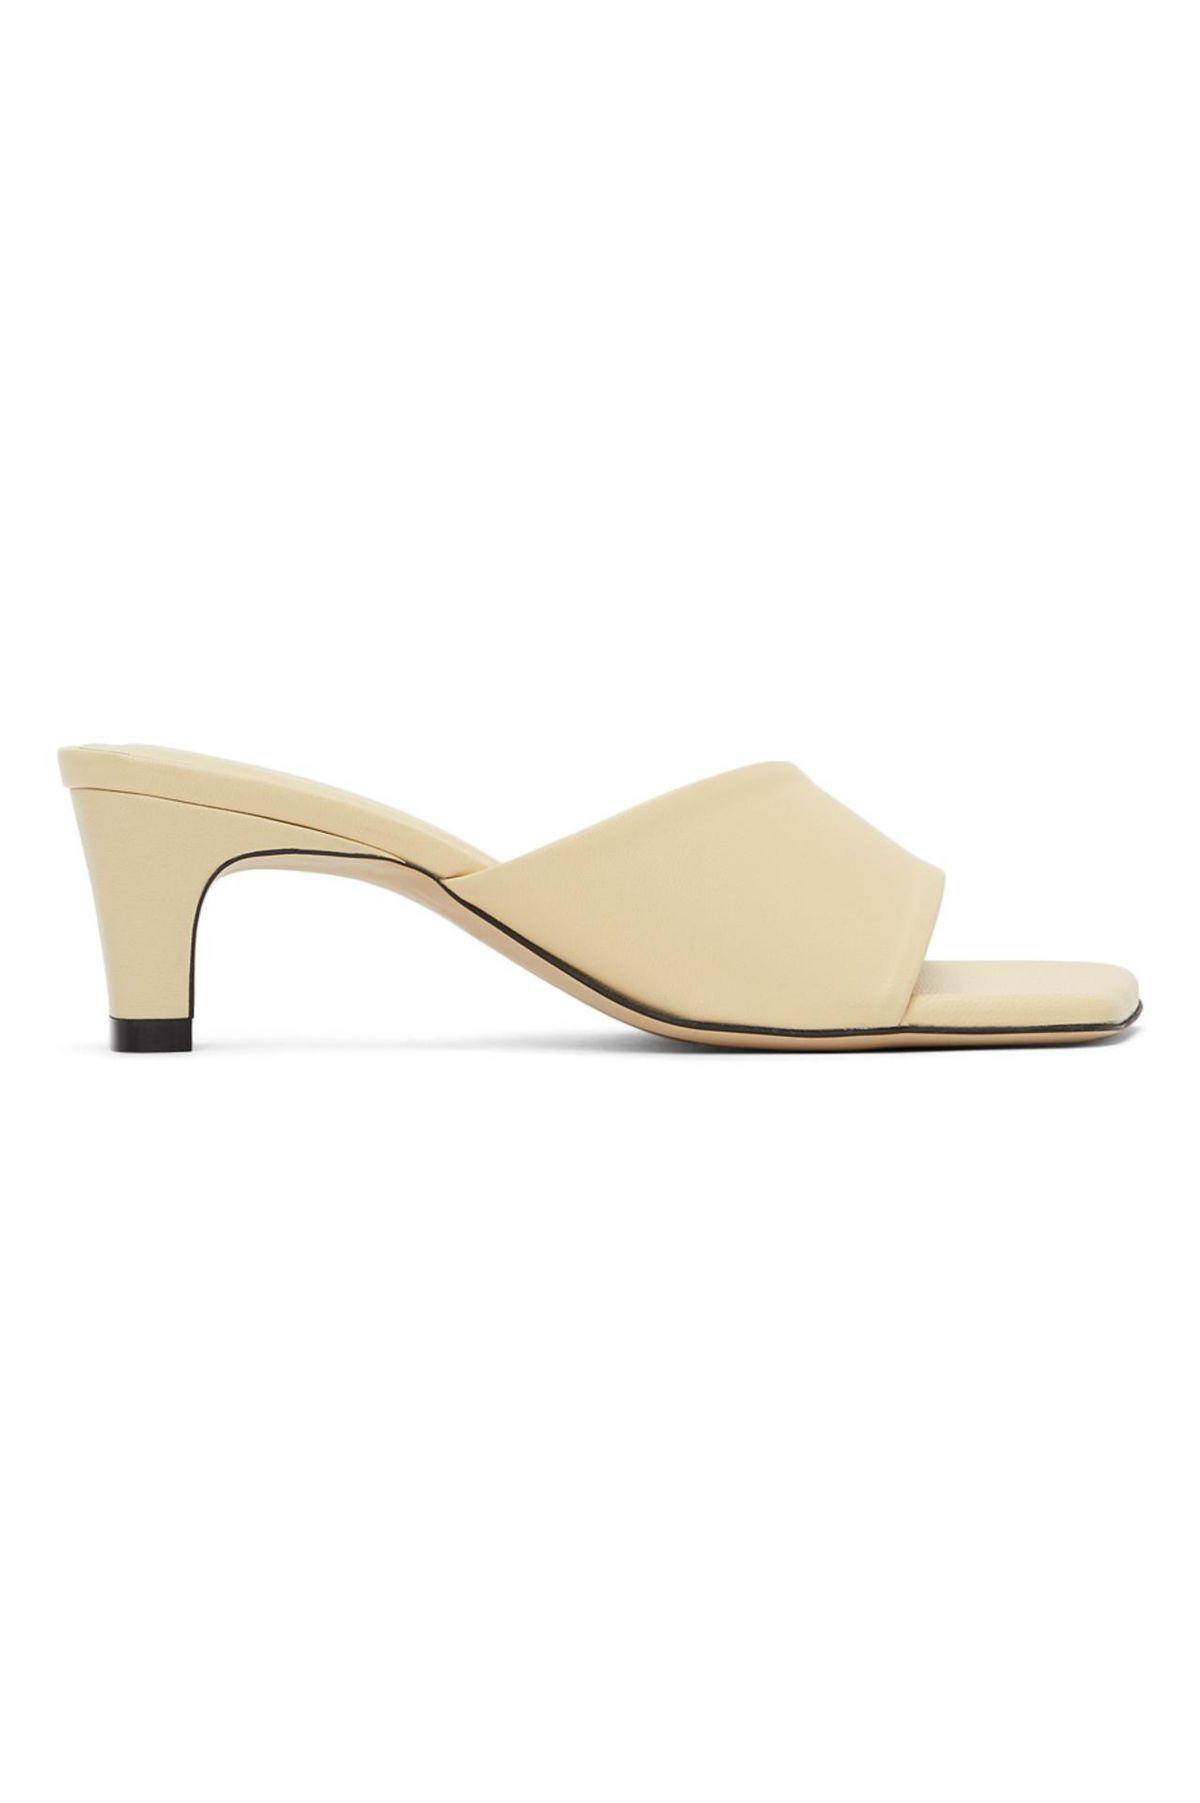 Beige Slide Heeled Sandals